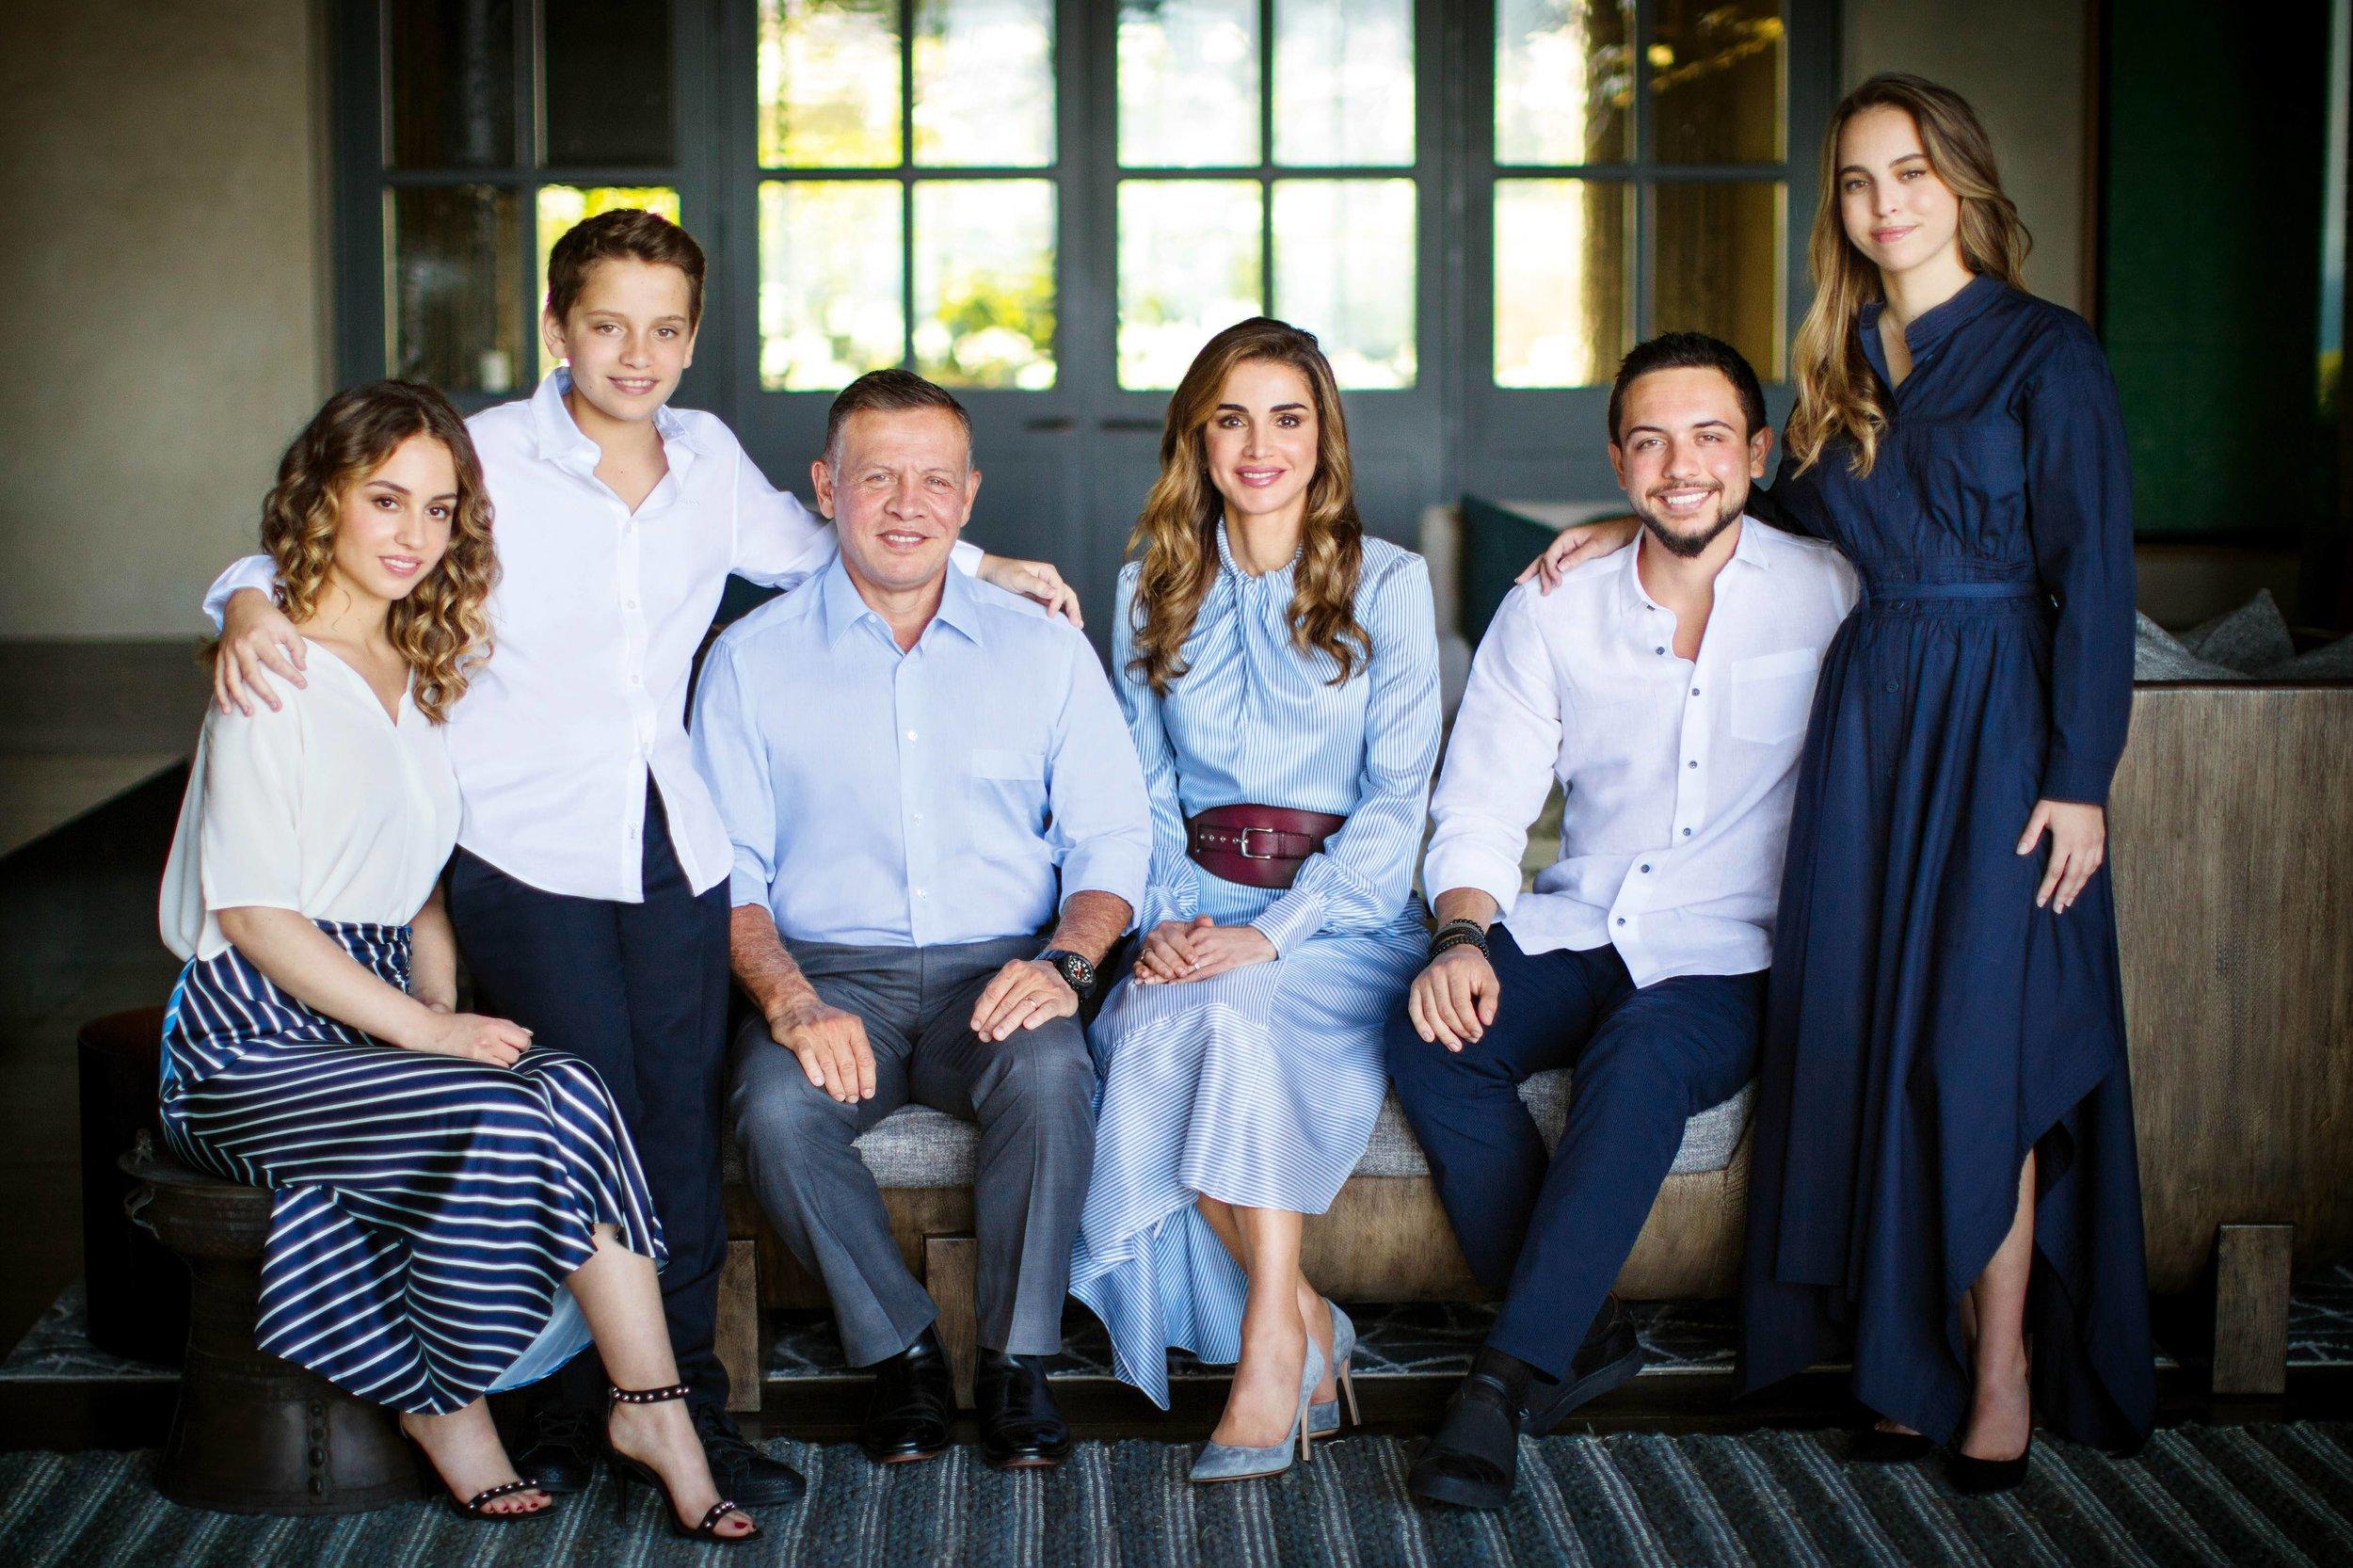 Die Königsfamilie von Jordanien  © imago images / PPE